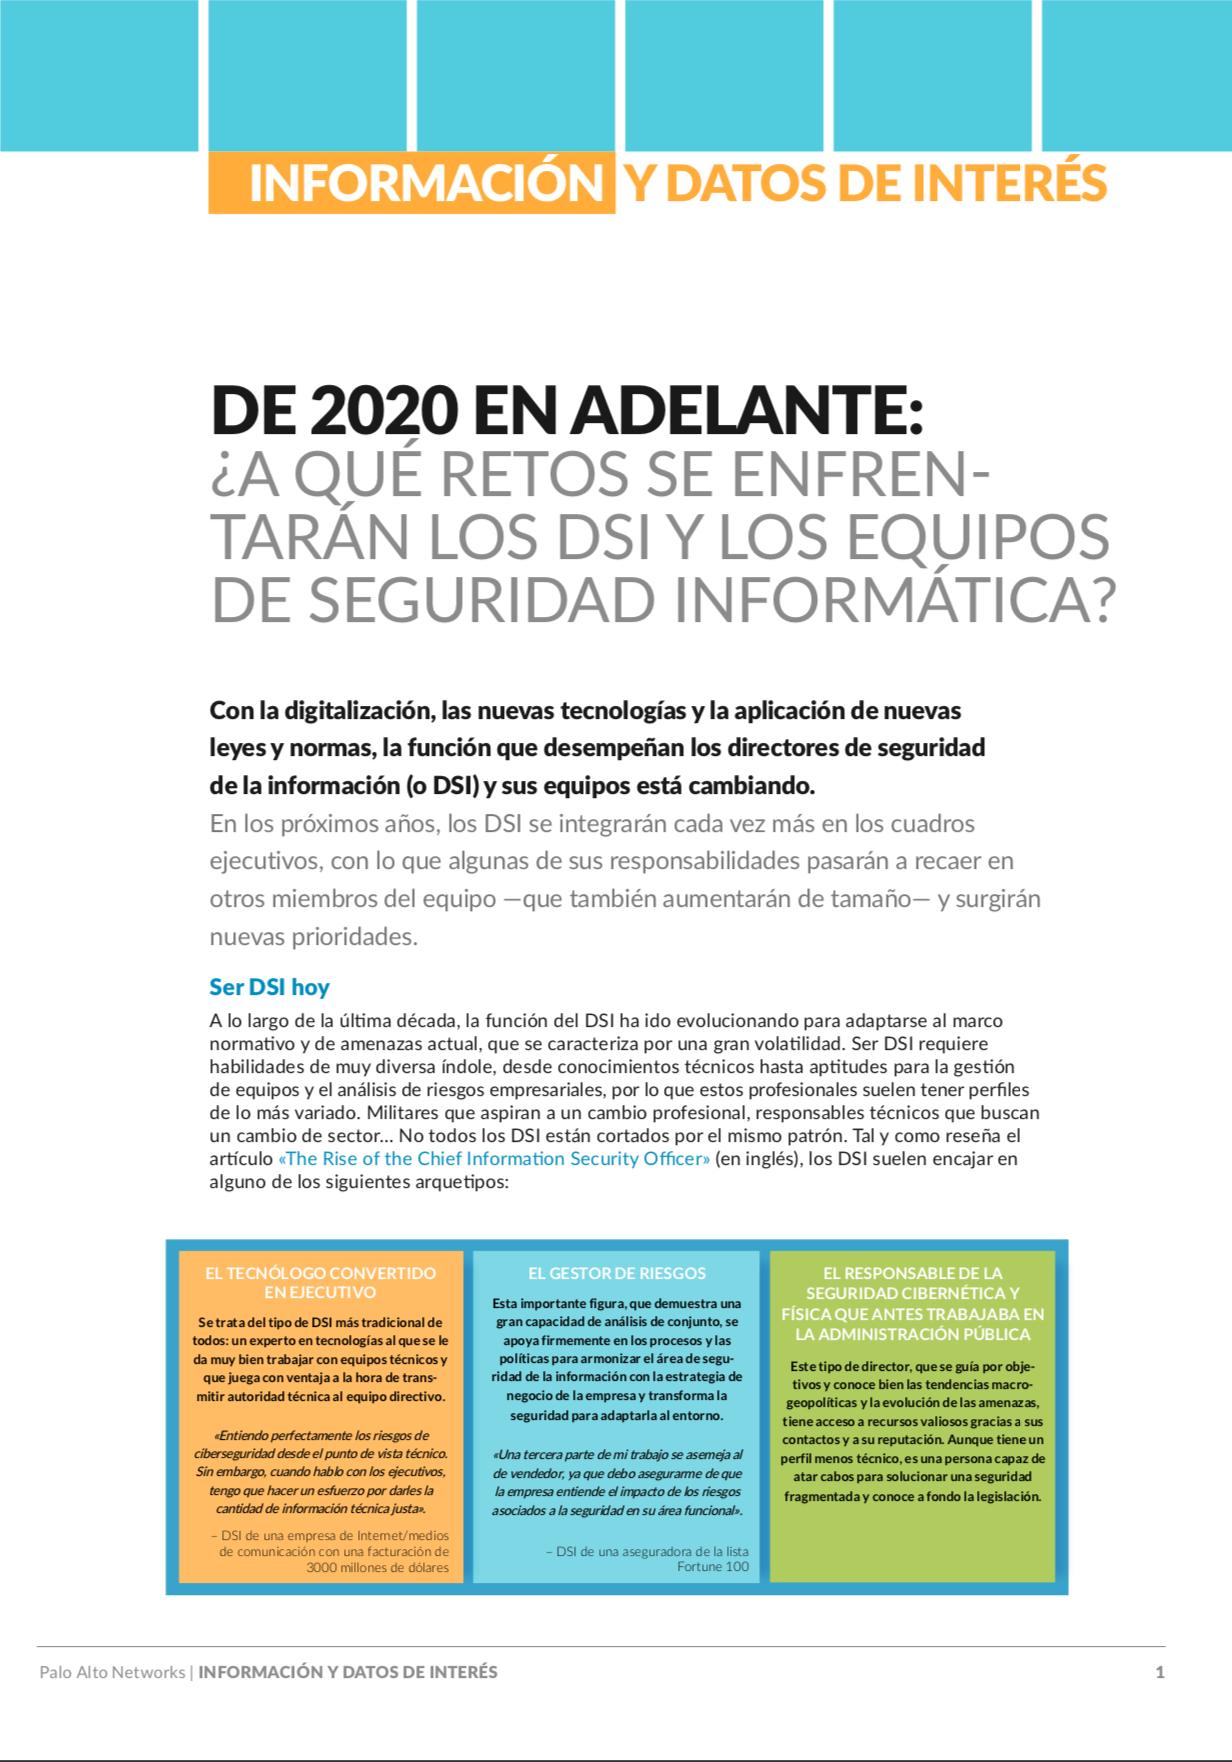 De 2020 en adelante: ¿A qué retos se enfrentarán los DSI y los equipos de seguridad informática?